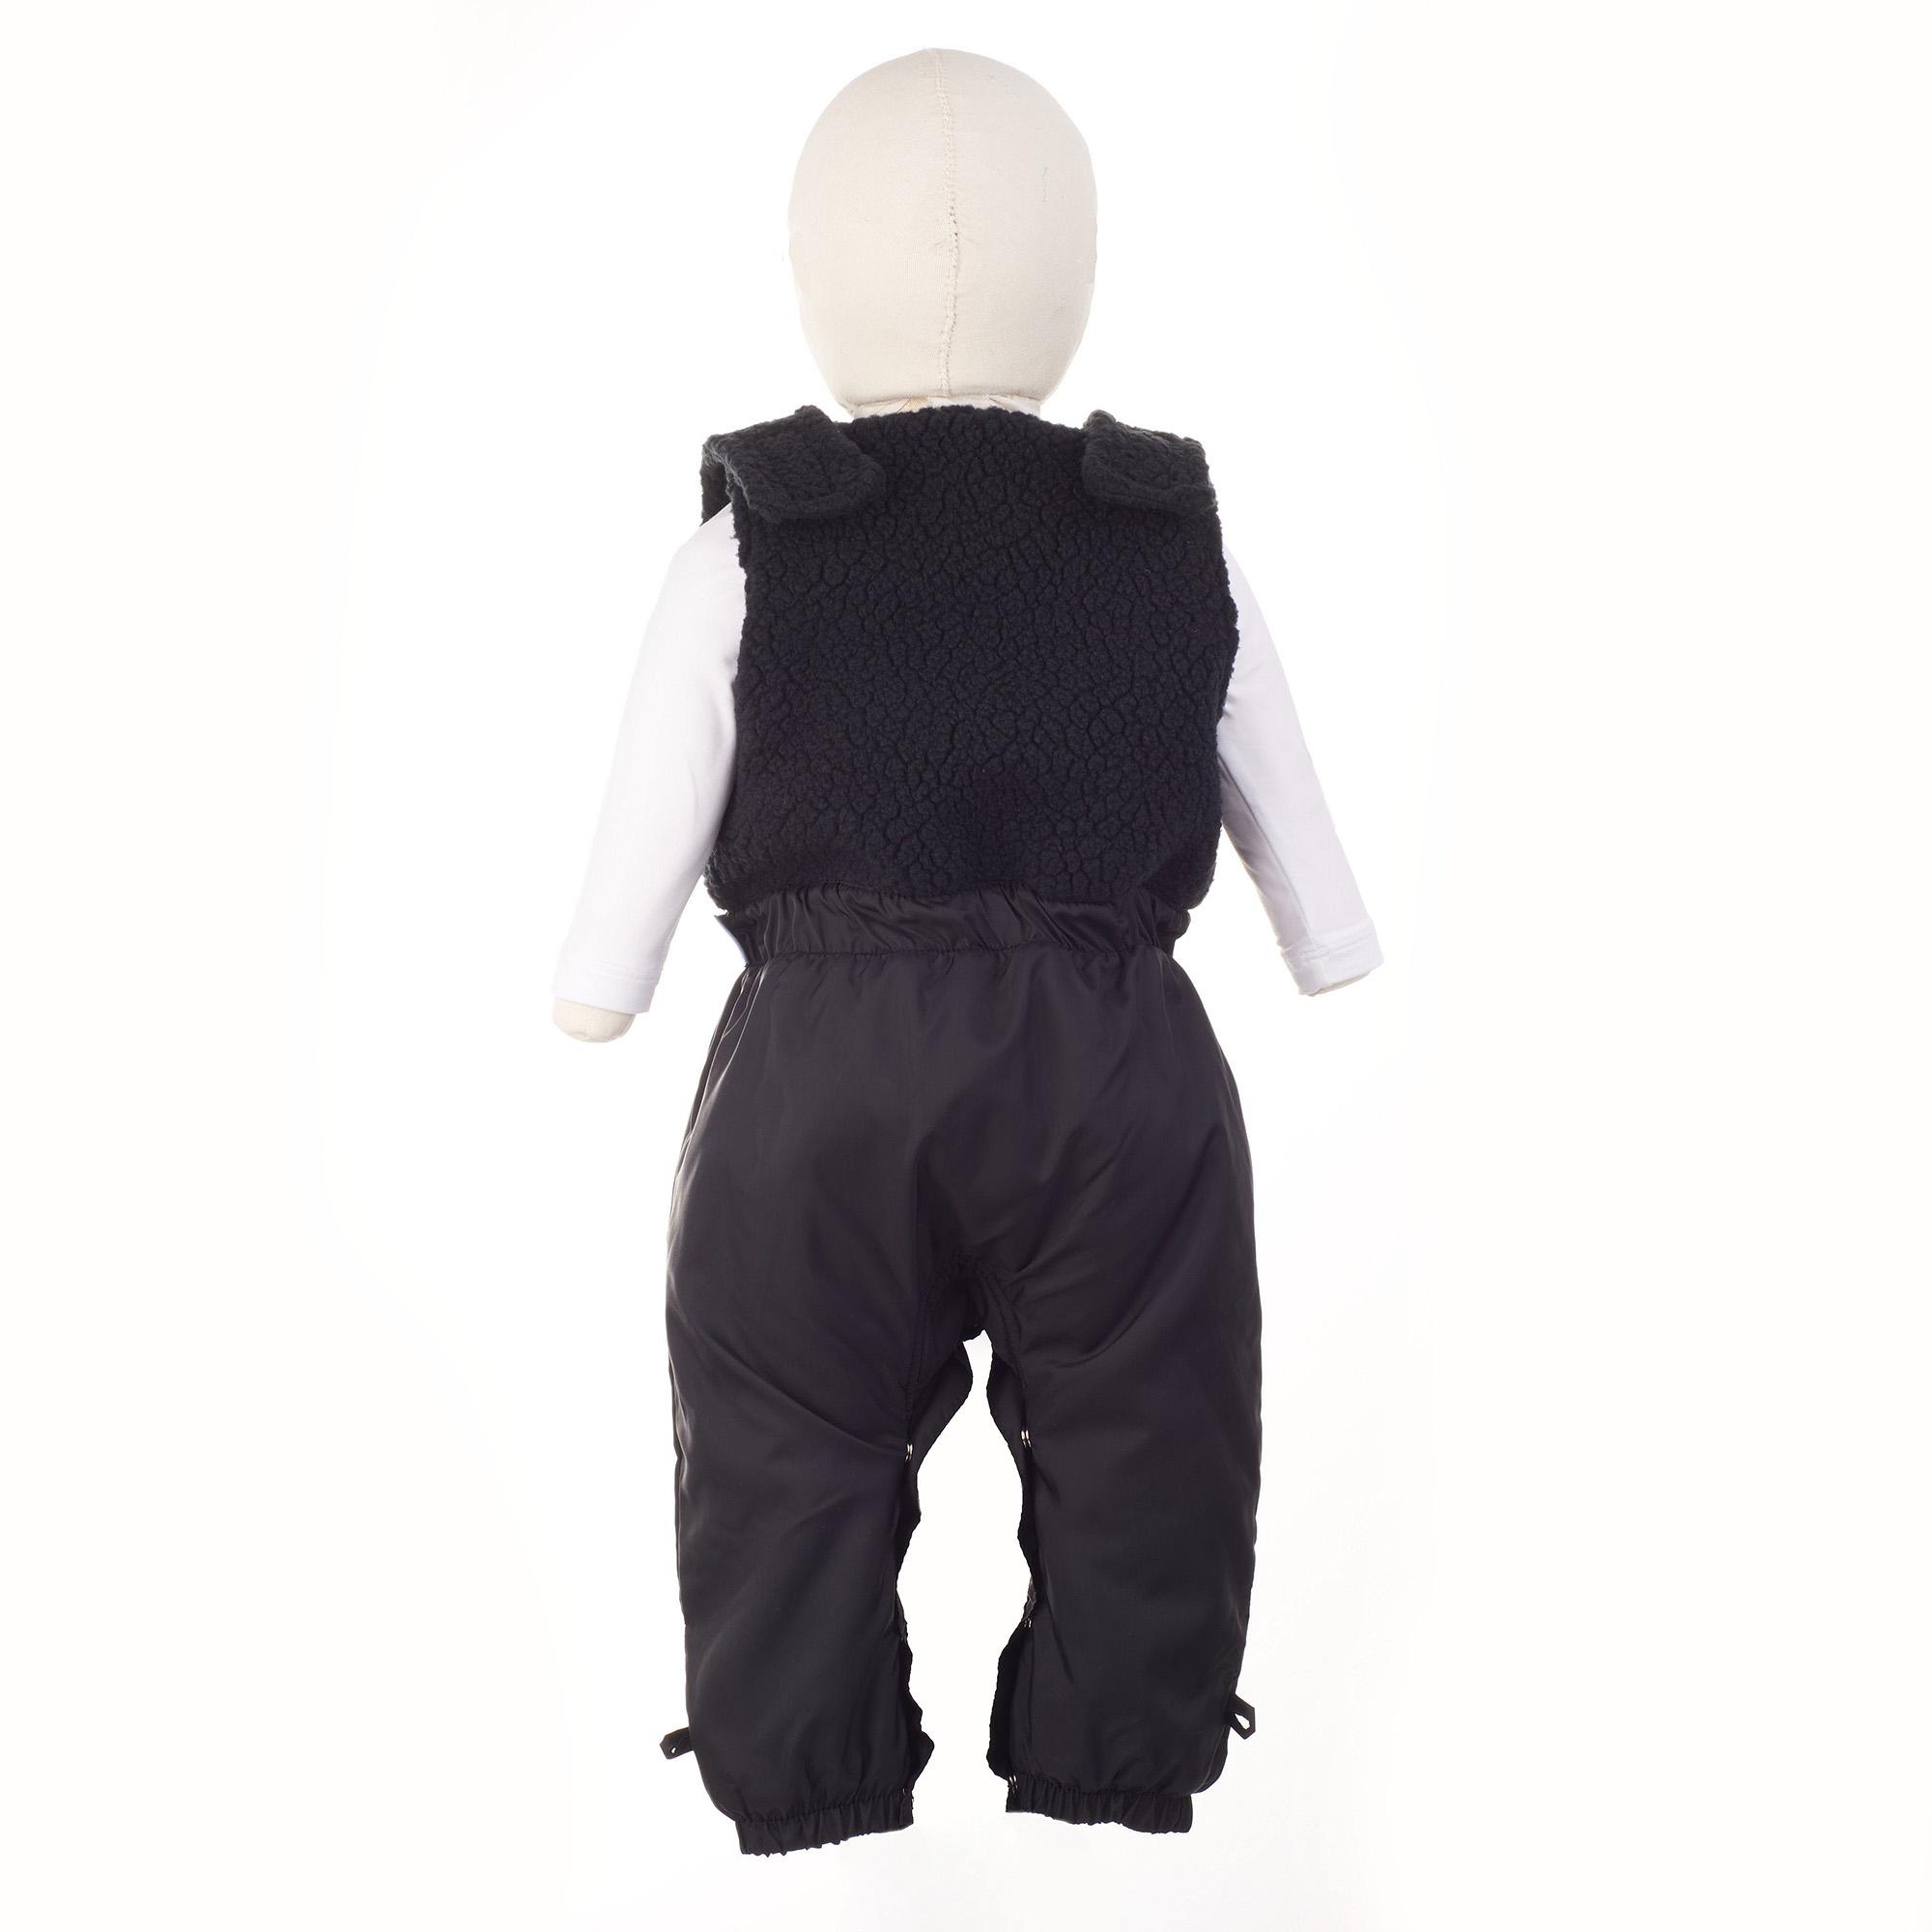 2 PEÇAS PARQUINHO BABY - MACACÃO REGATA COM REGULAGEM BABY COM SAPATINHO IMPERMEÁVEL